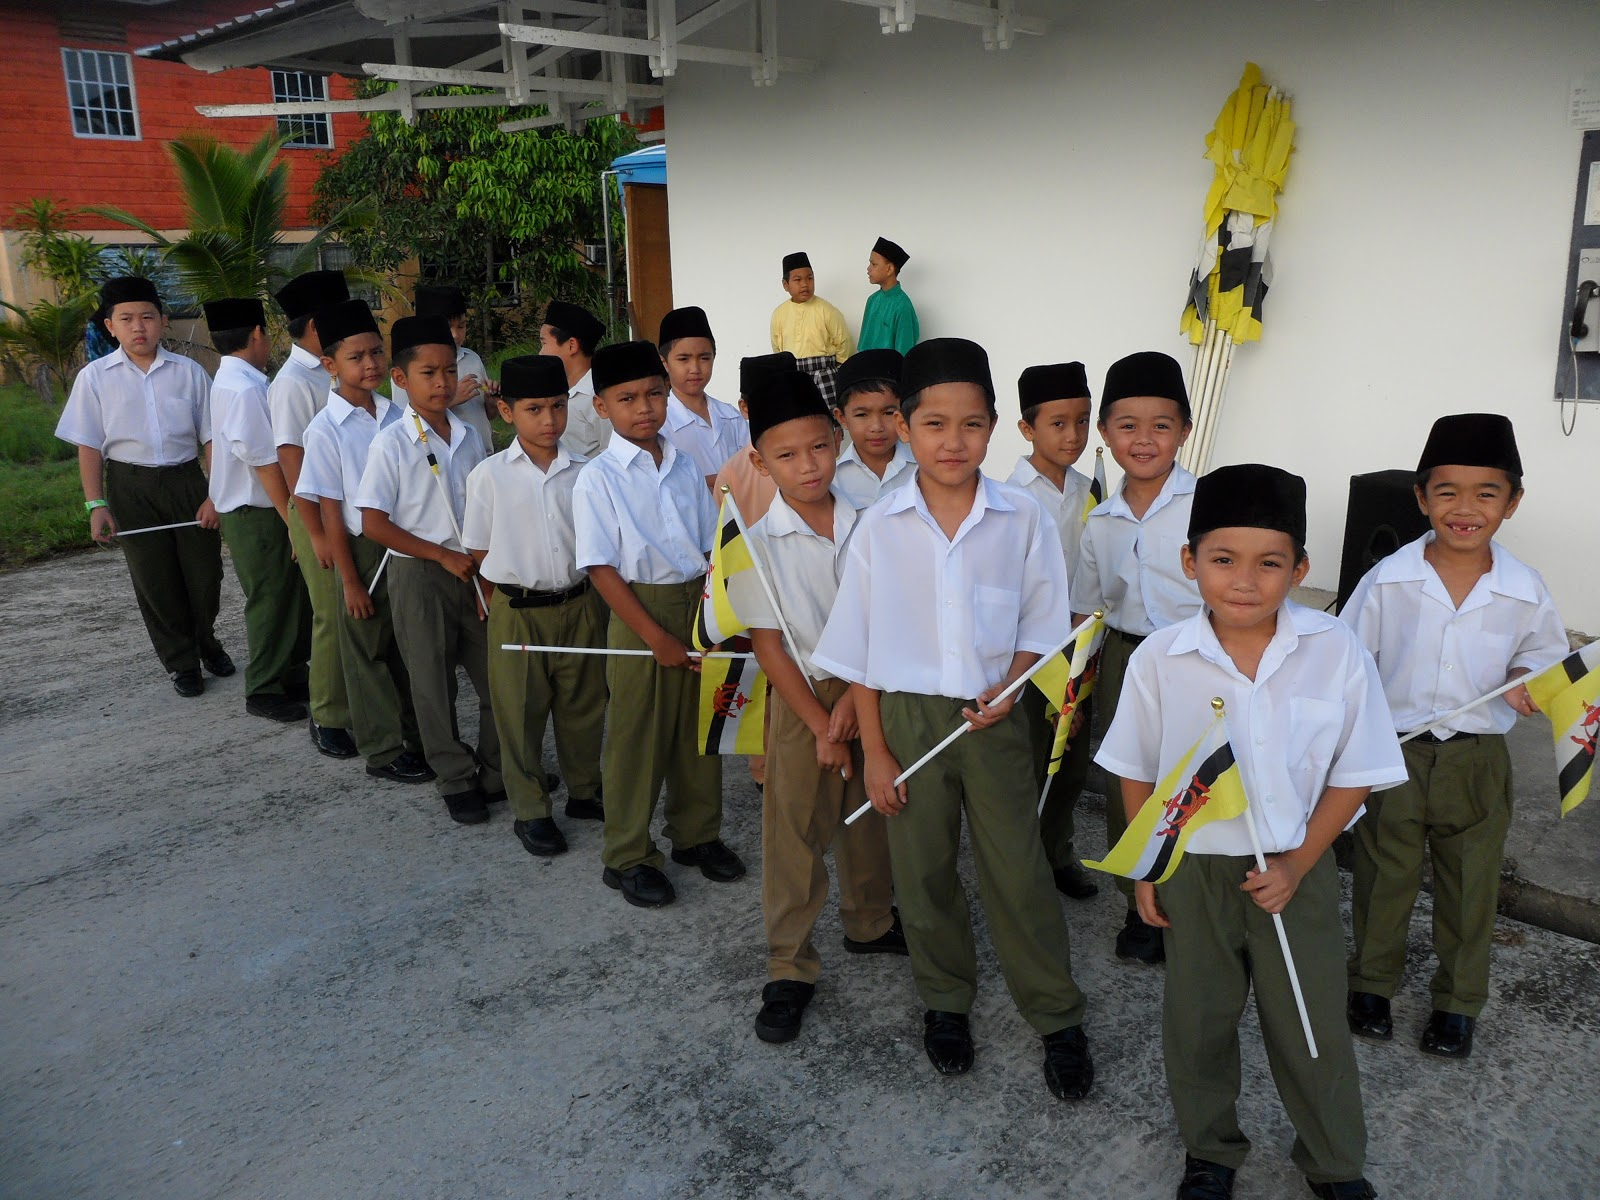 Hari kebangsaan negara brunei darussalam keli ke 29 tahun 2013